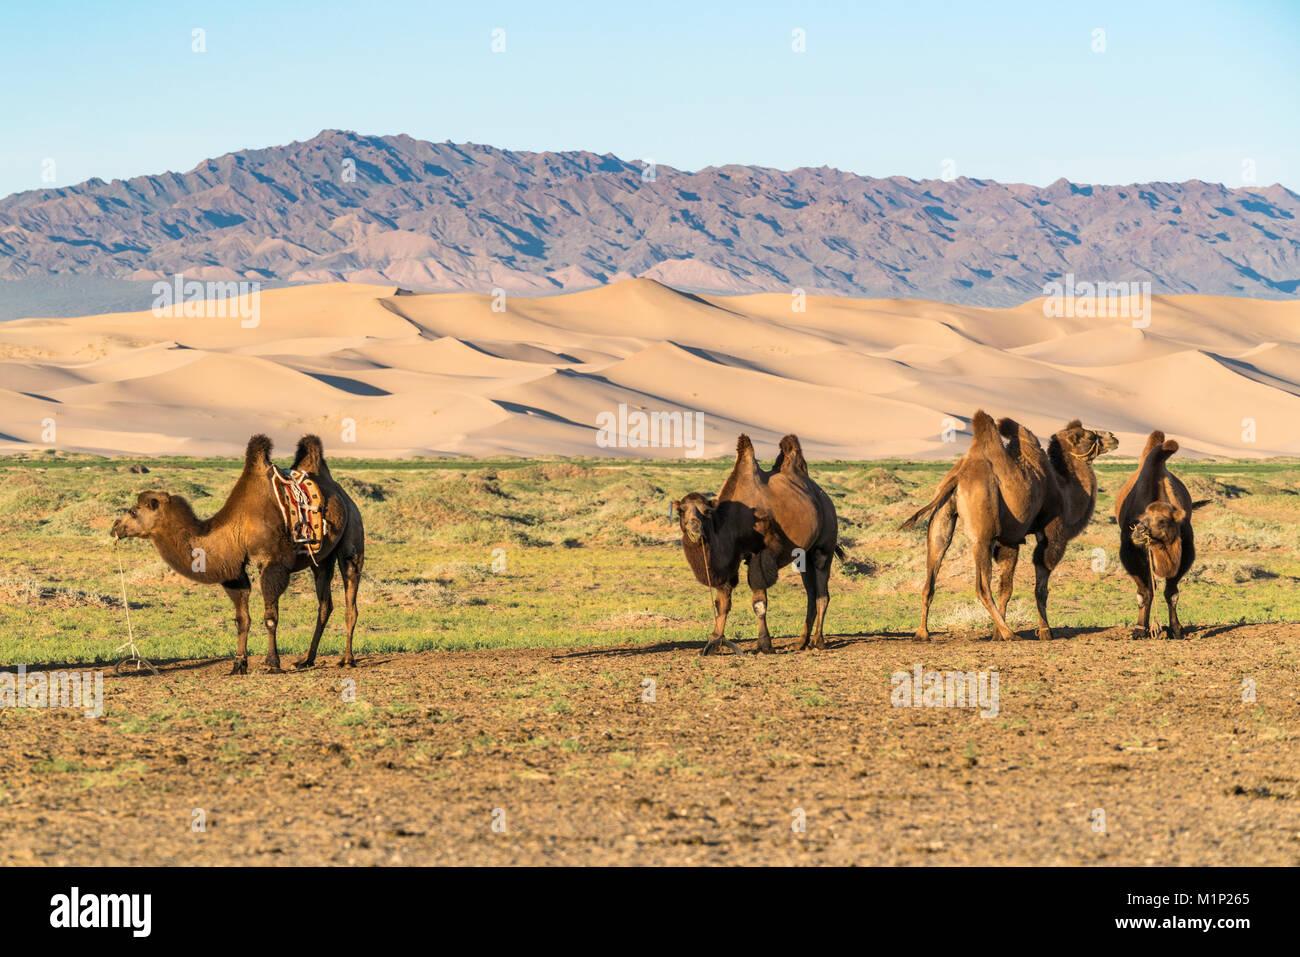 Los camellos y las dunas de arena del desierto de Gobi, en el fondo, Sevrei district, al sur de la provincia de Imagen De Stock